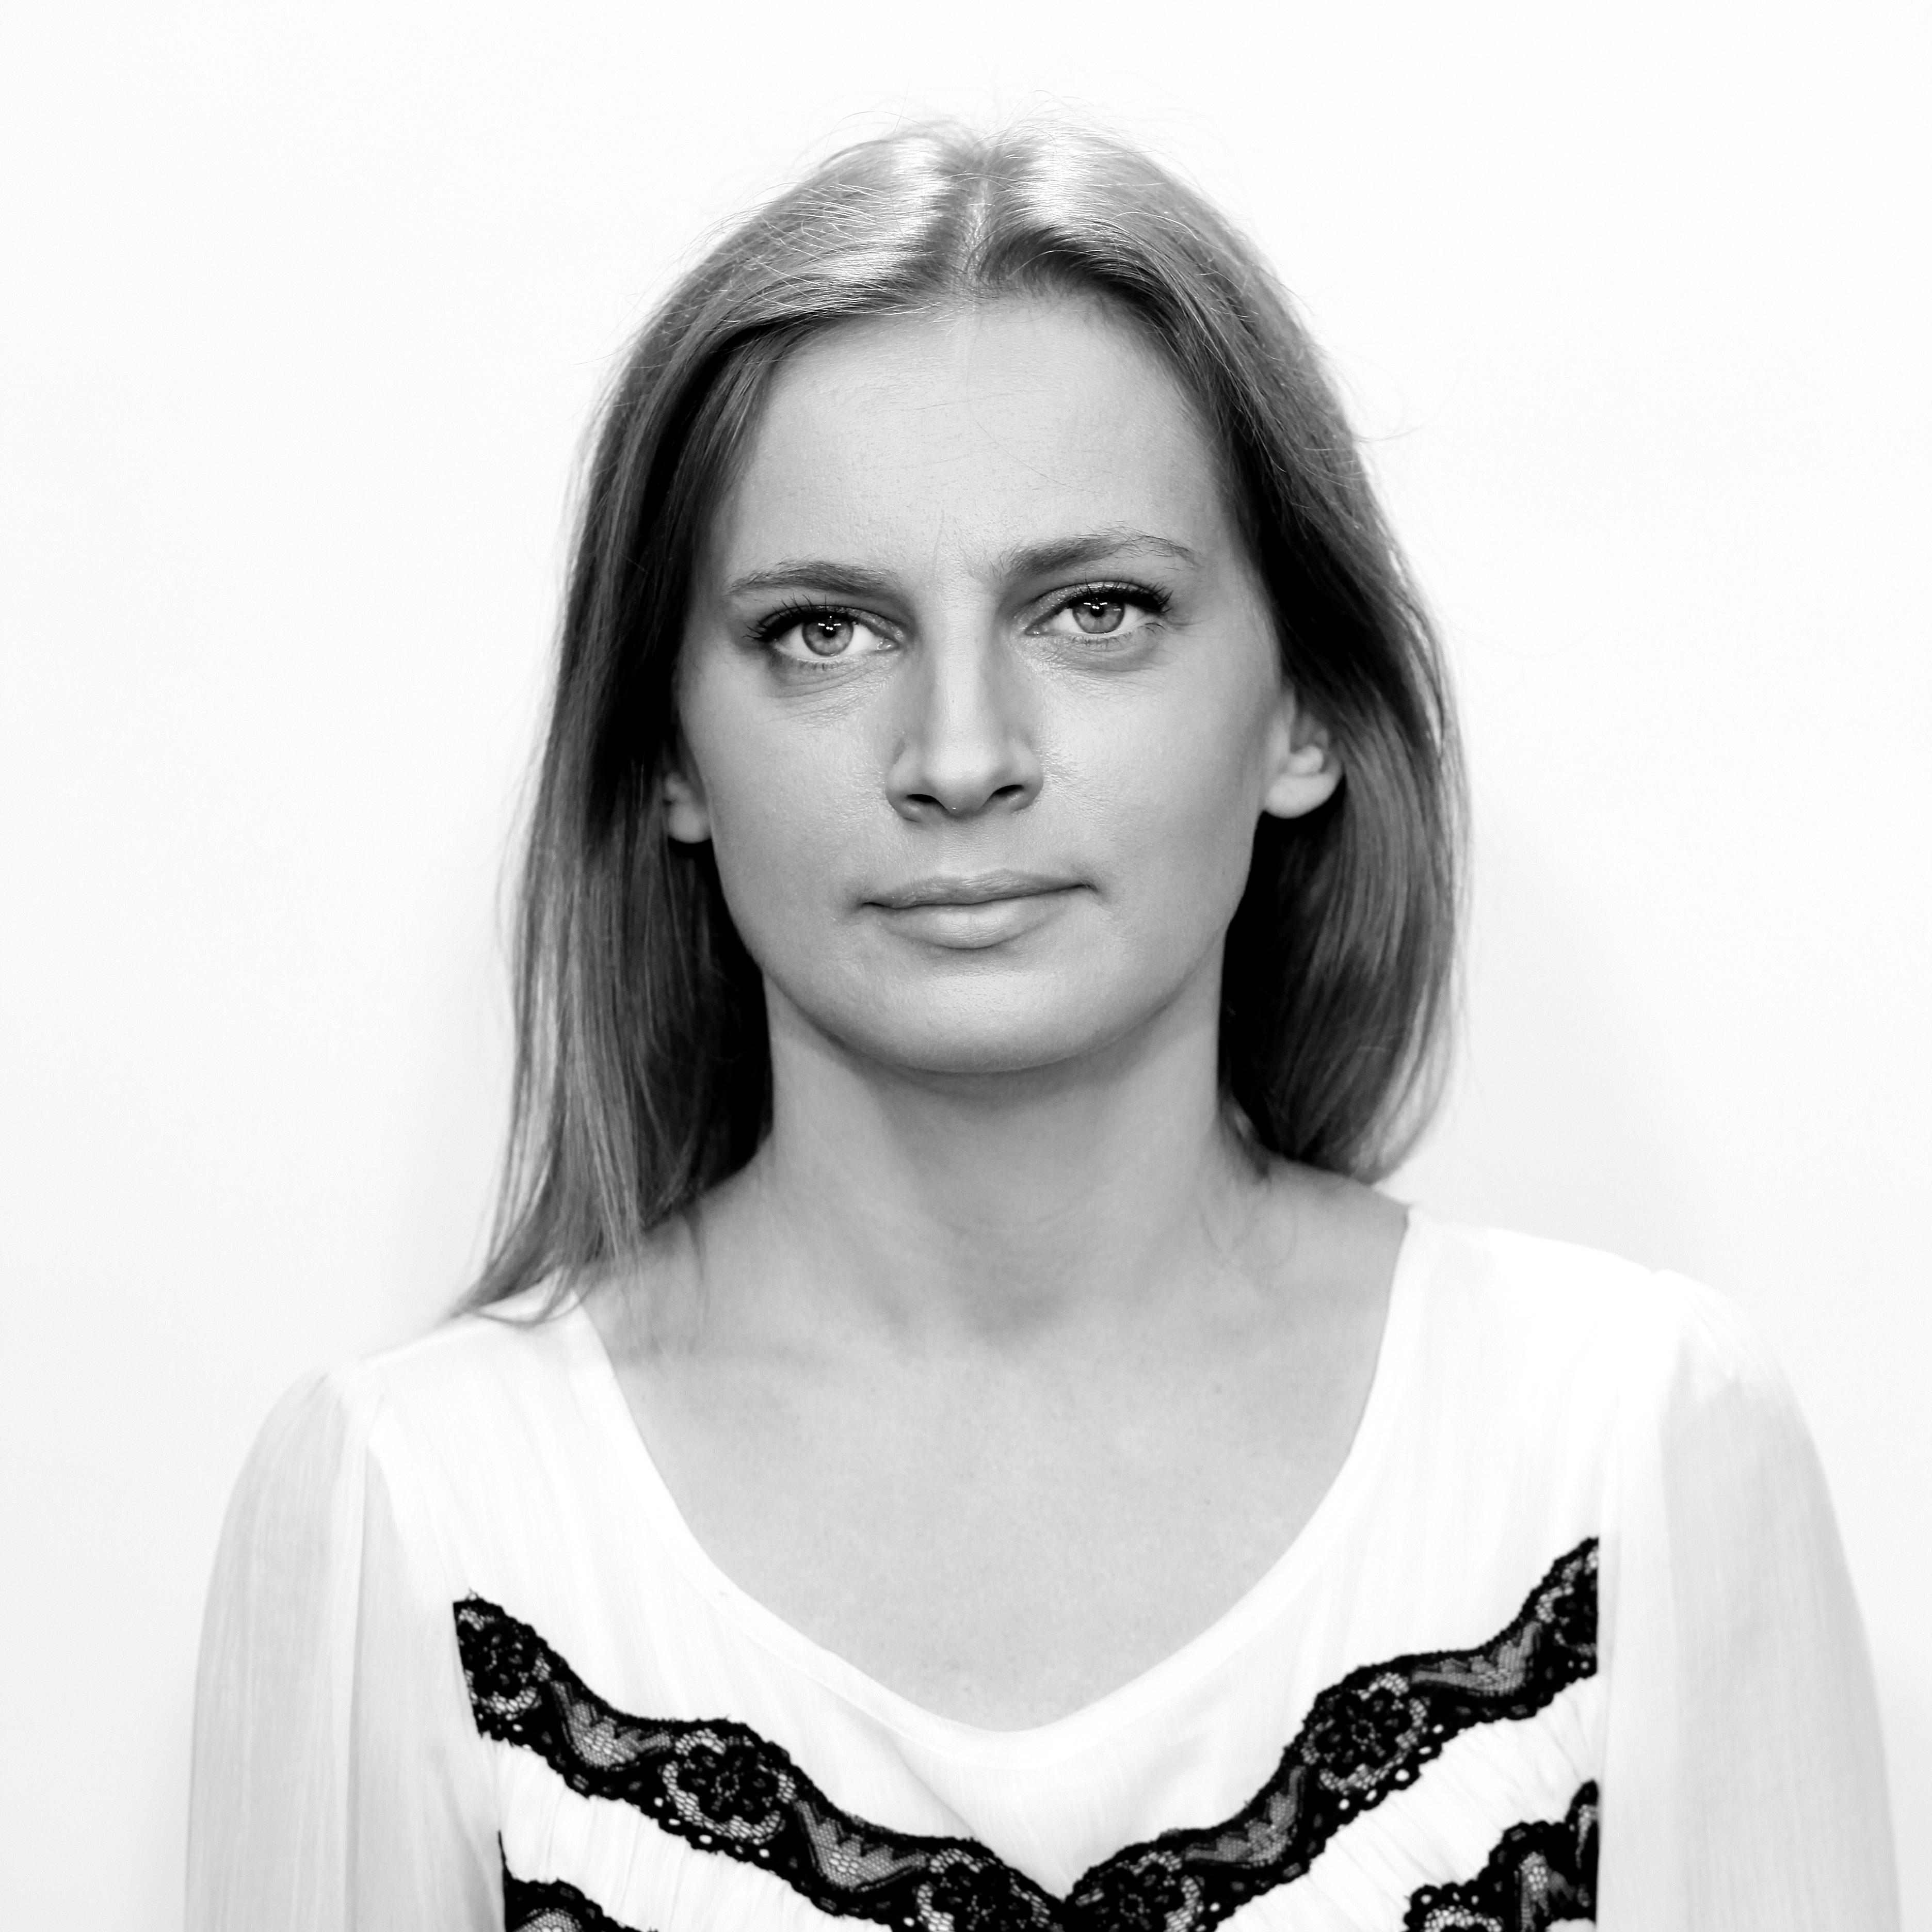 Agnieszka Niesłuchowska